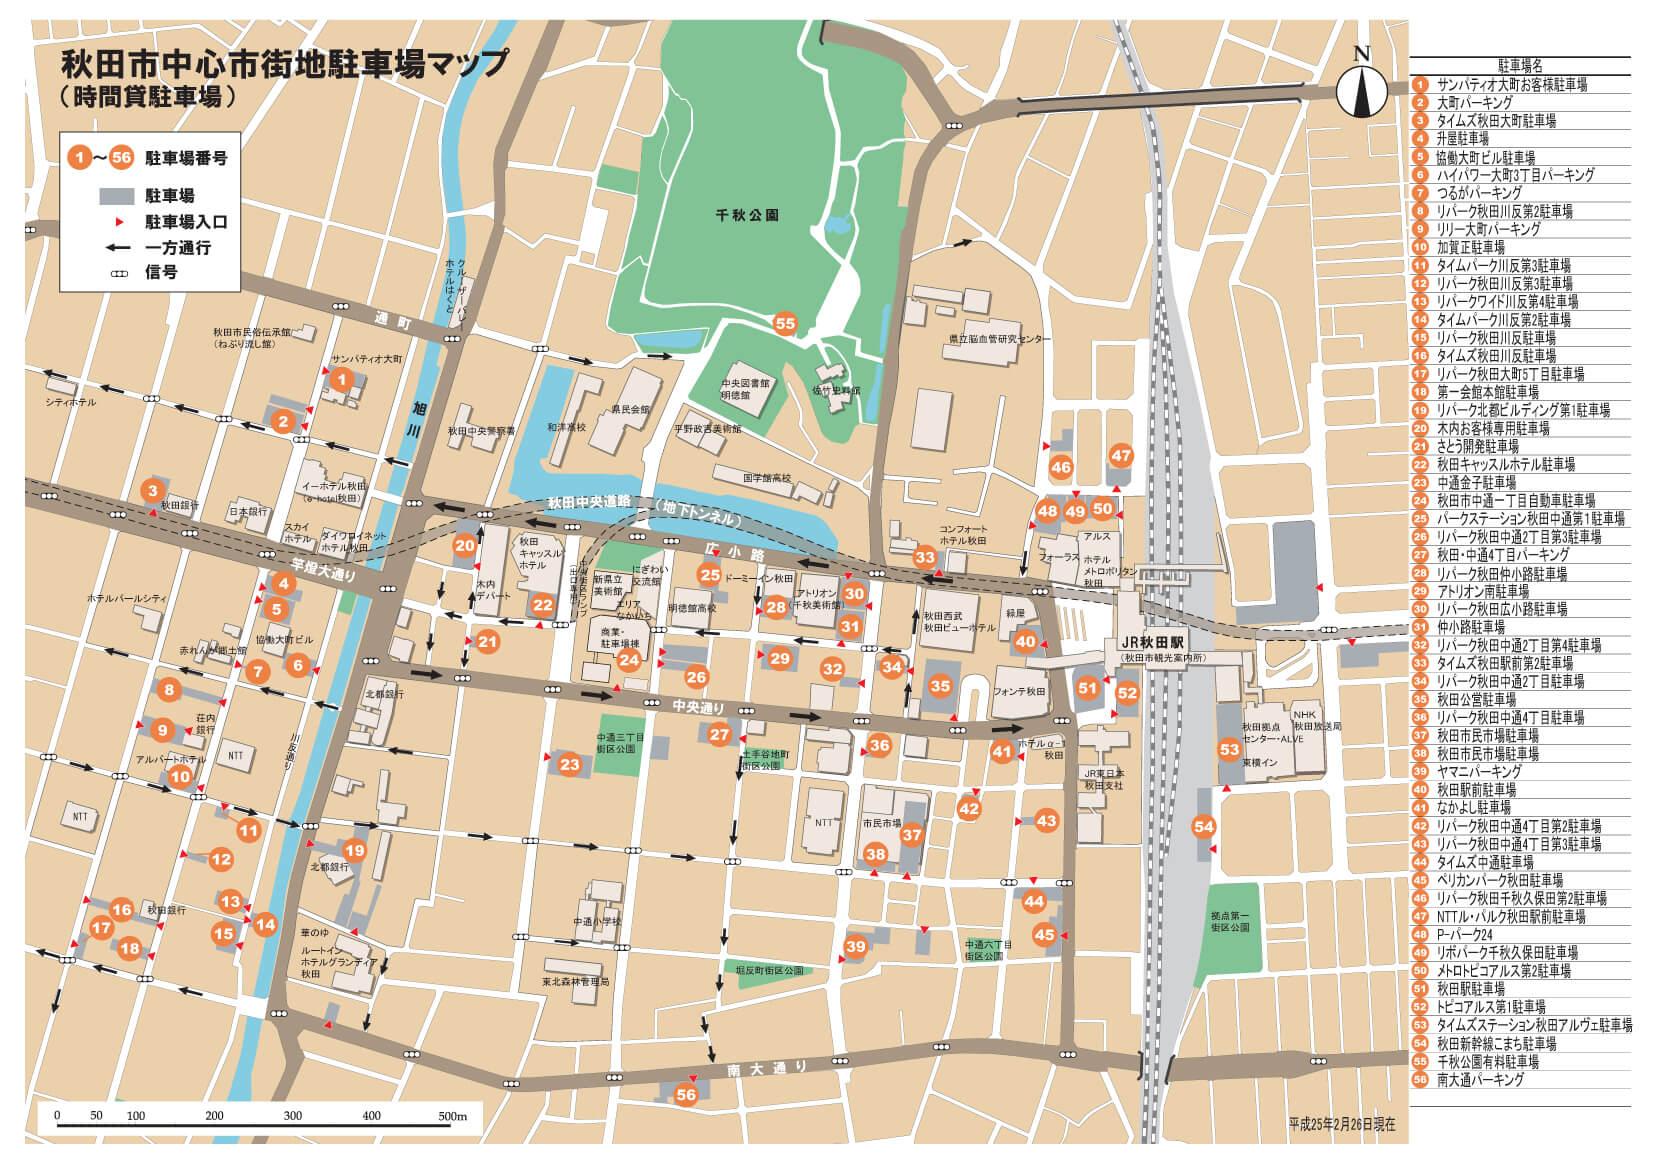 秋田竿燈まつり2018交通規制や駐車場情報まとめ